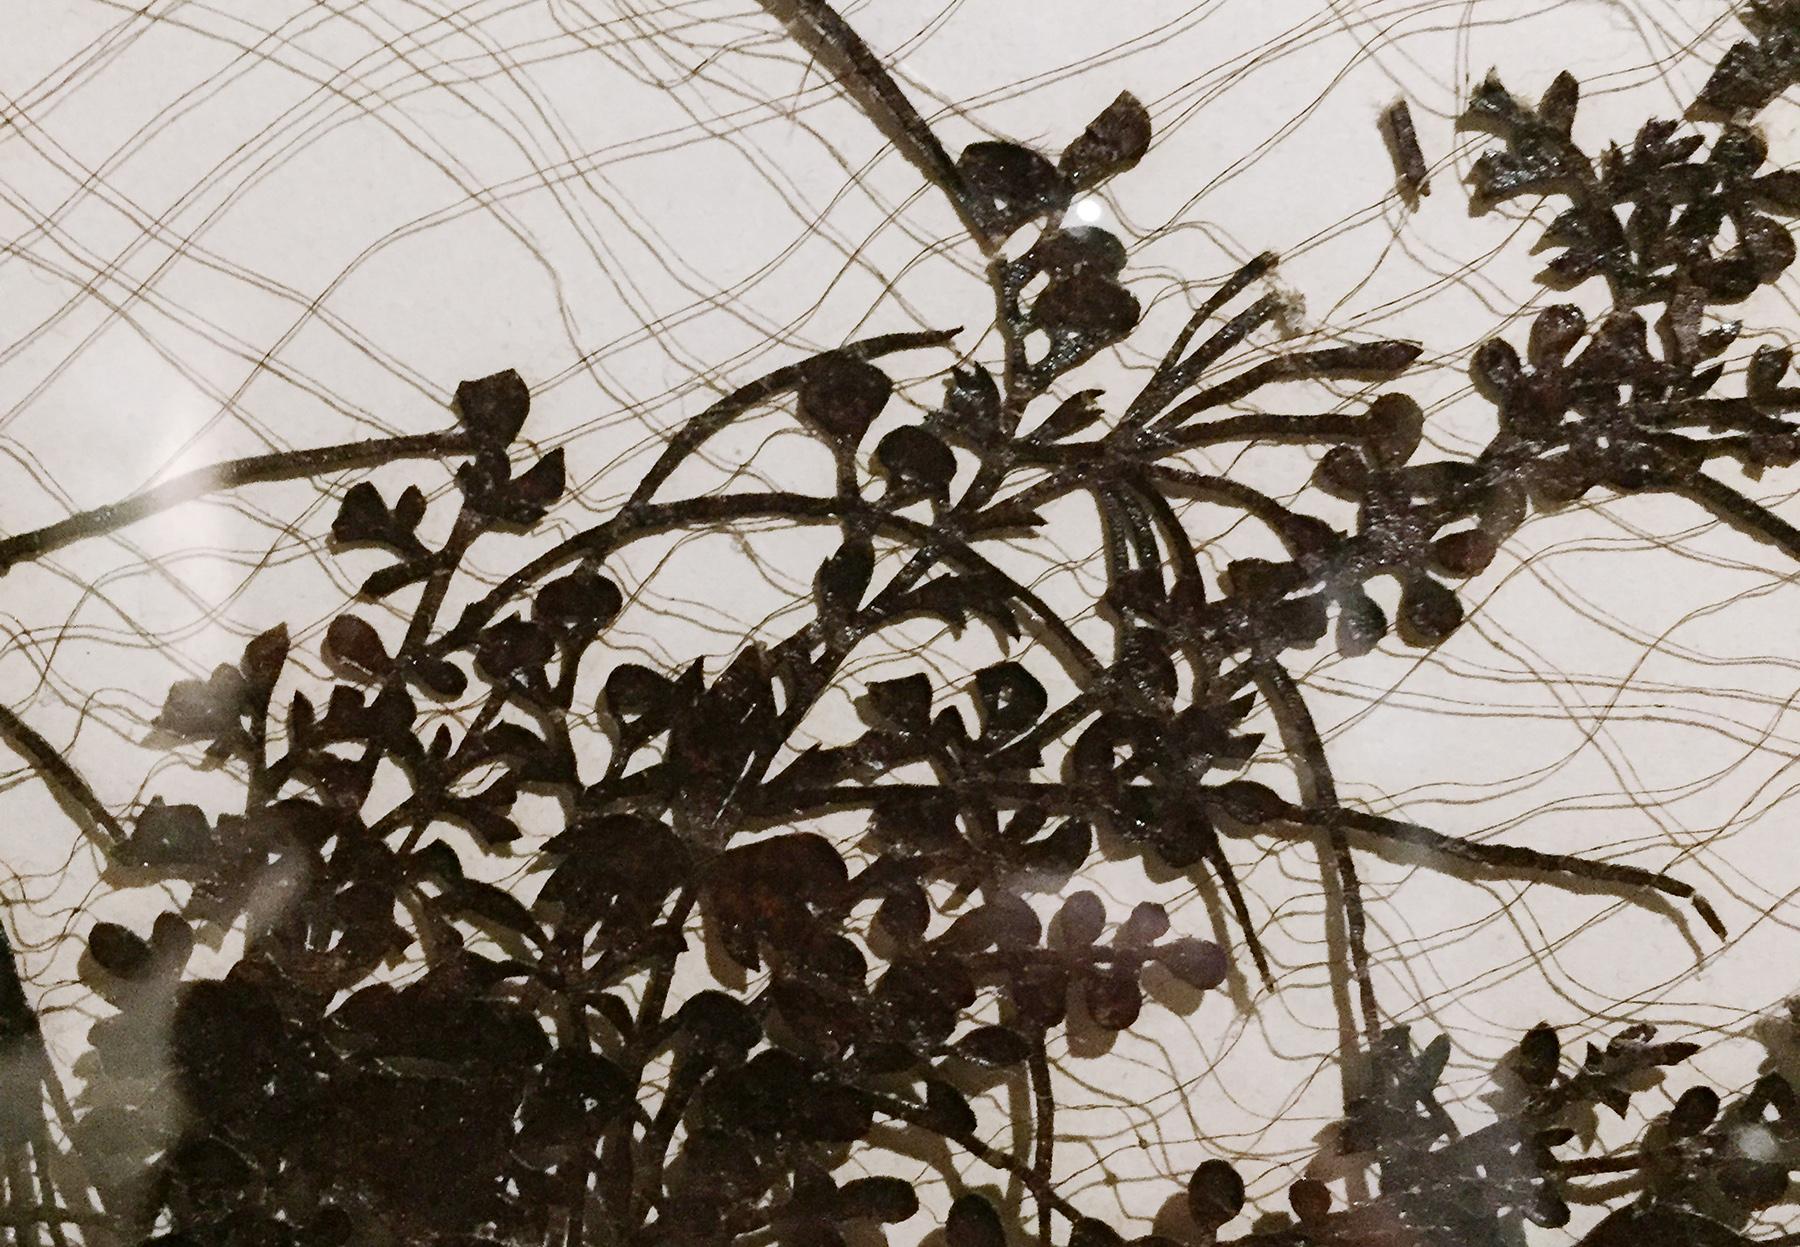 katagami pochoir artisanat japon